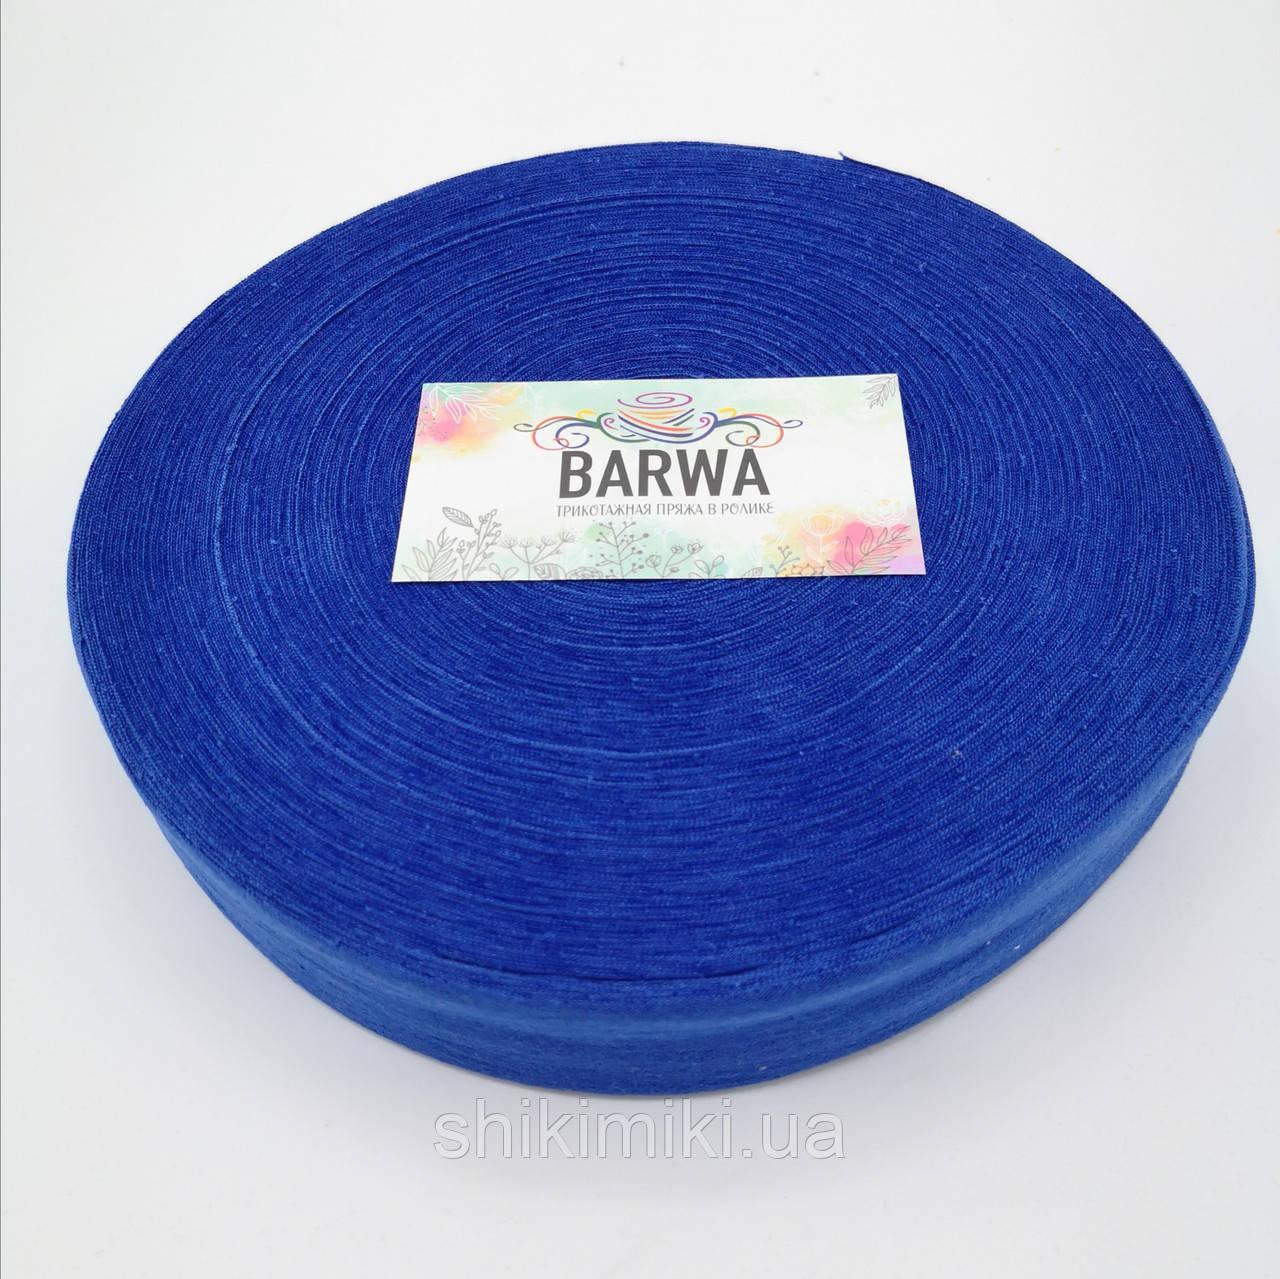 Трикотажная пряжа Barwa в роликах, цвет Синий кобальт